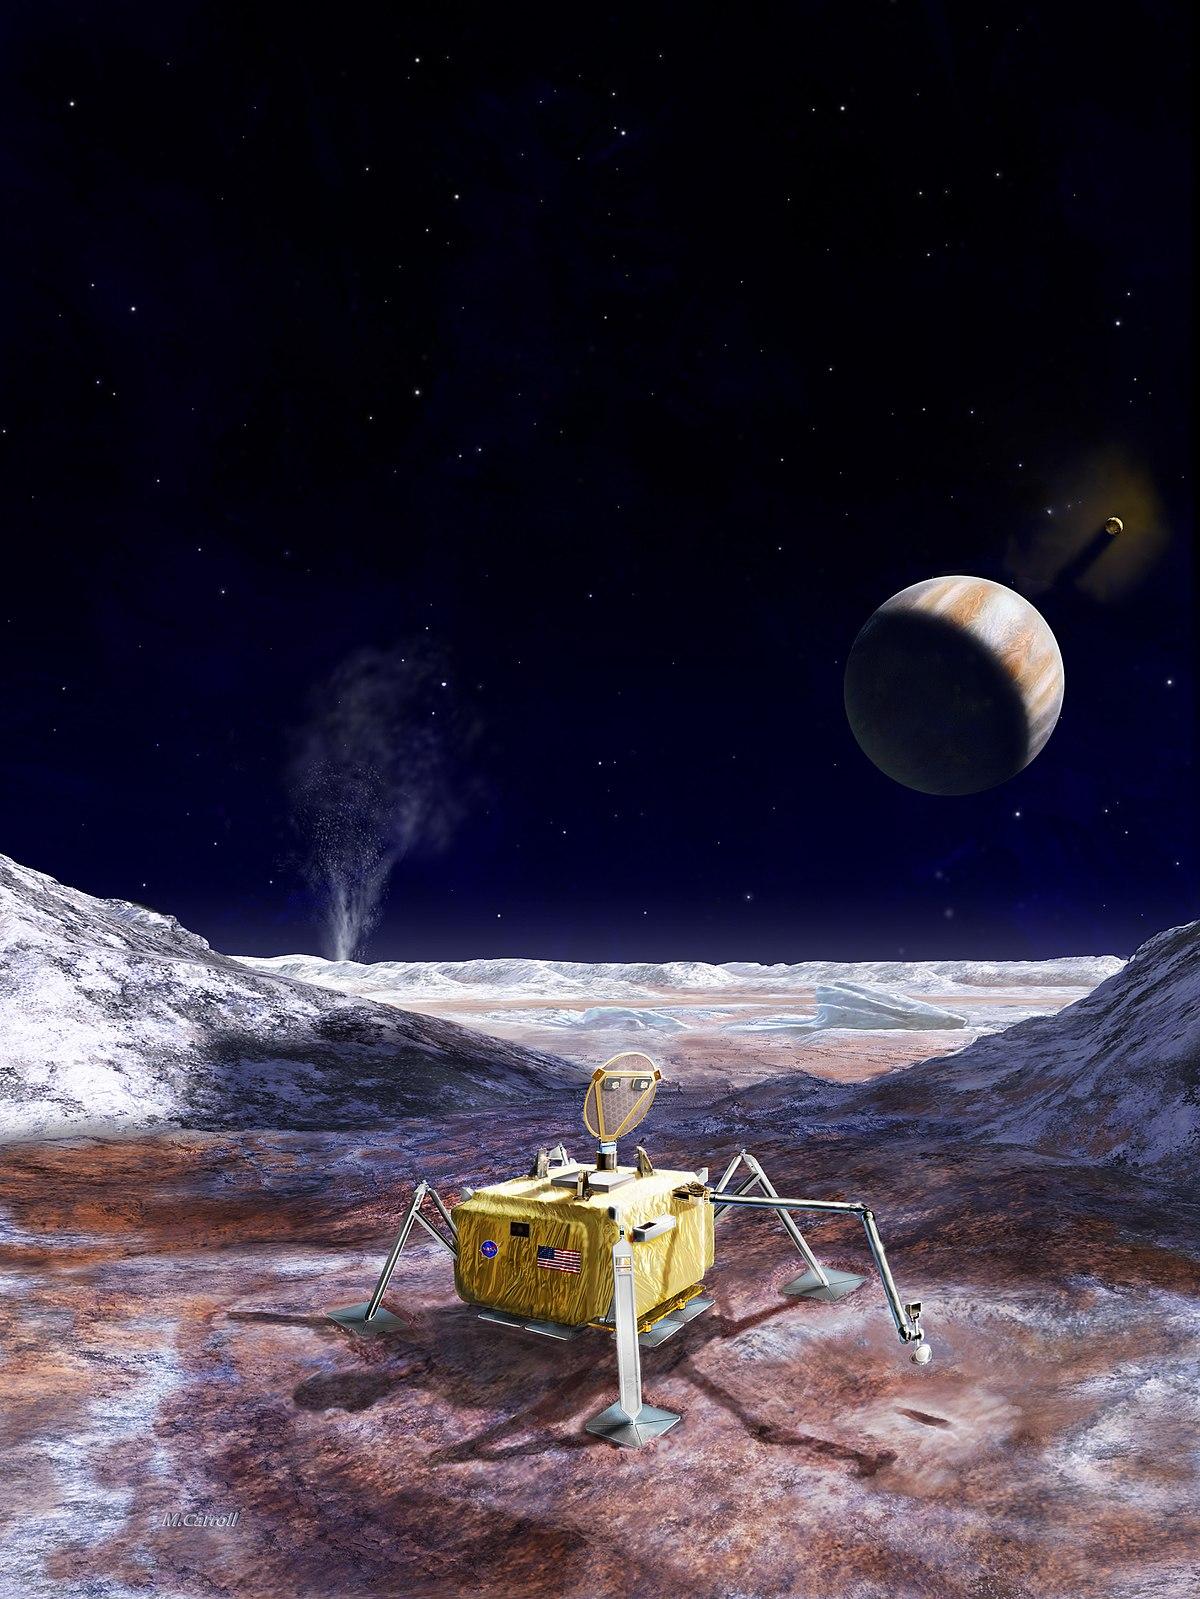 Europa Lander (NASA) - Wikipedia